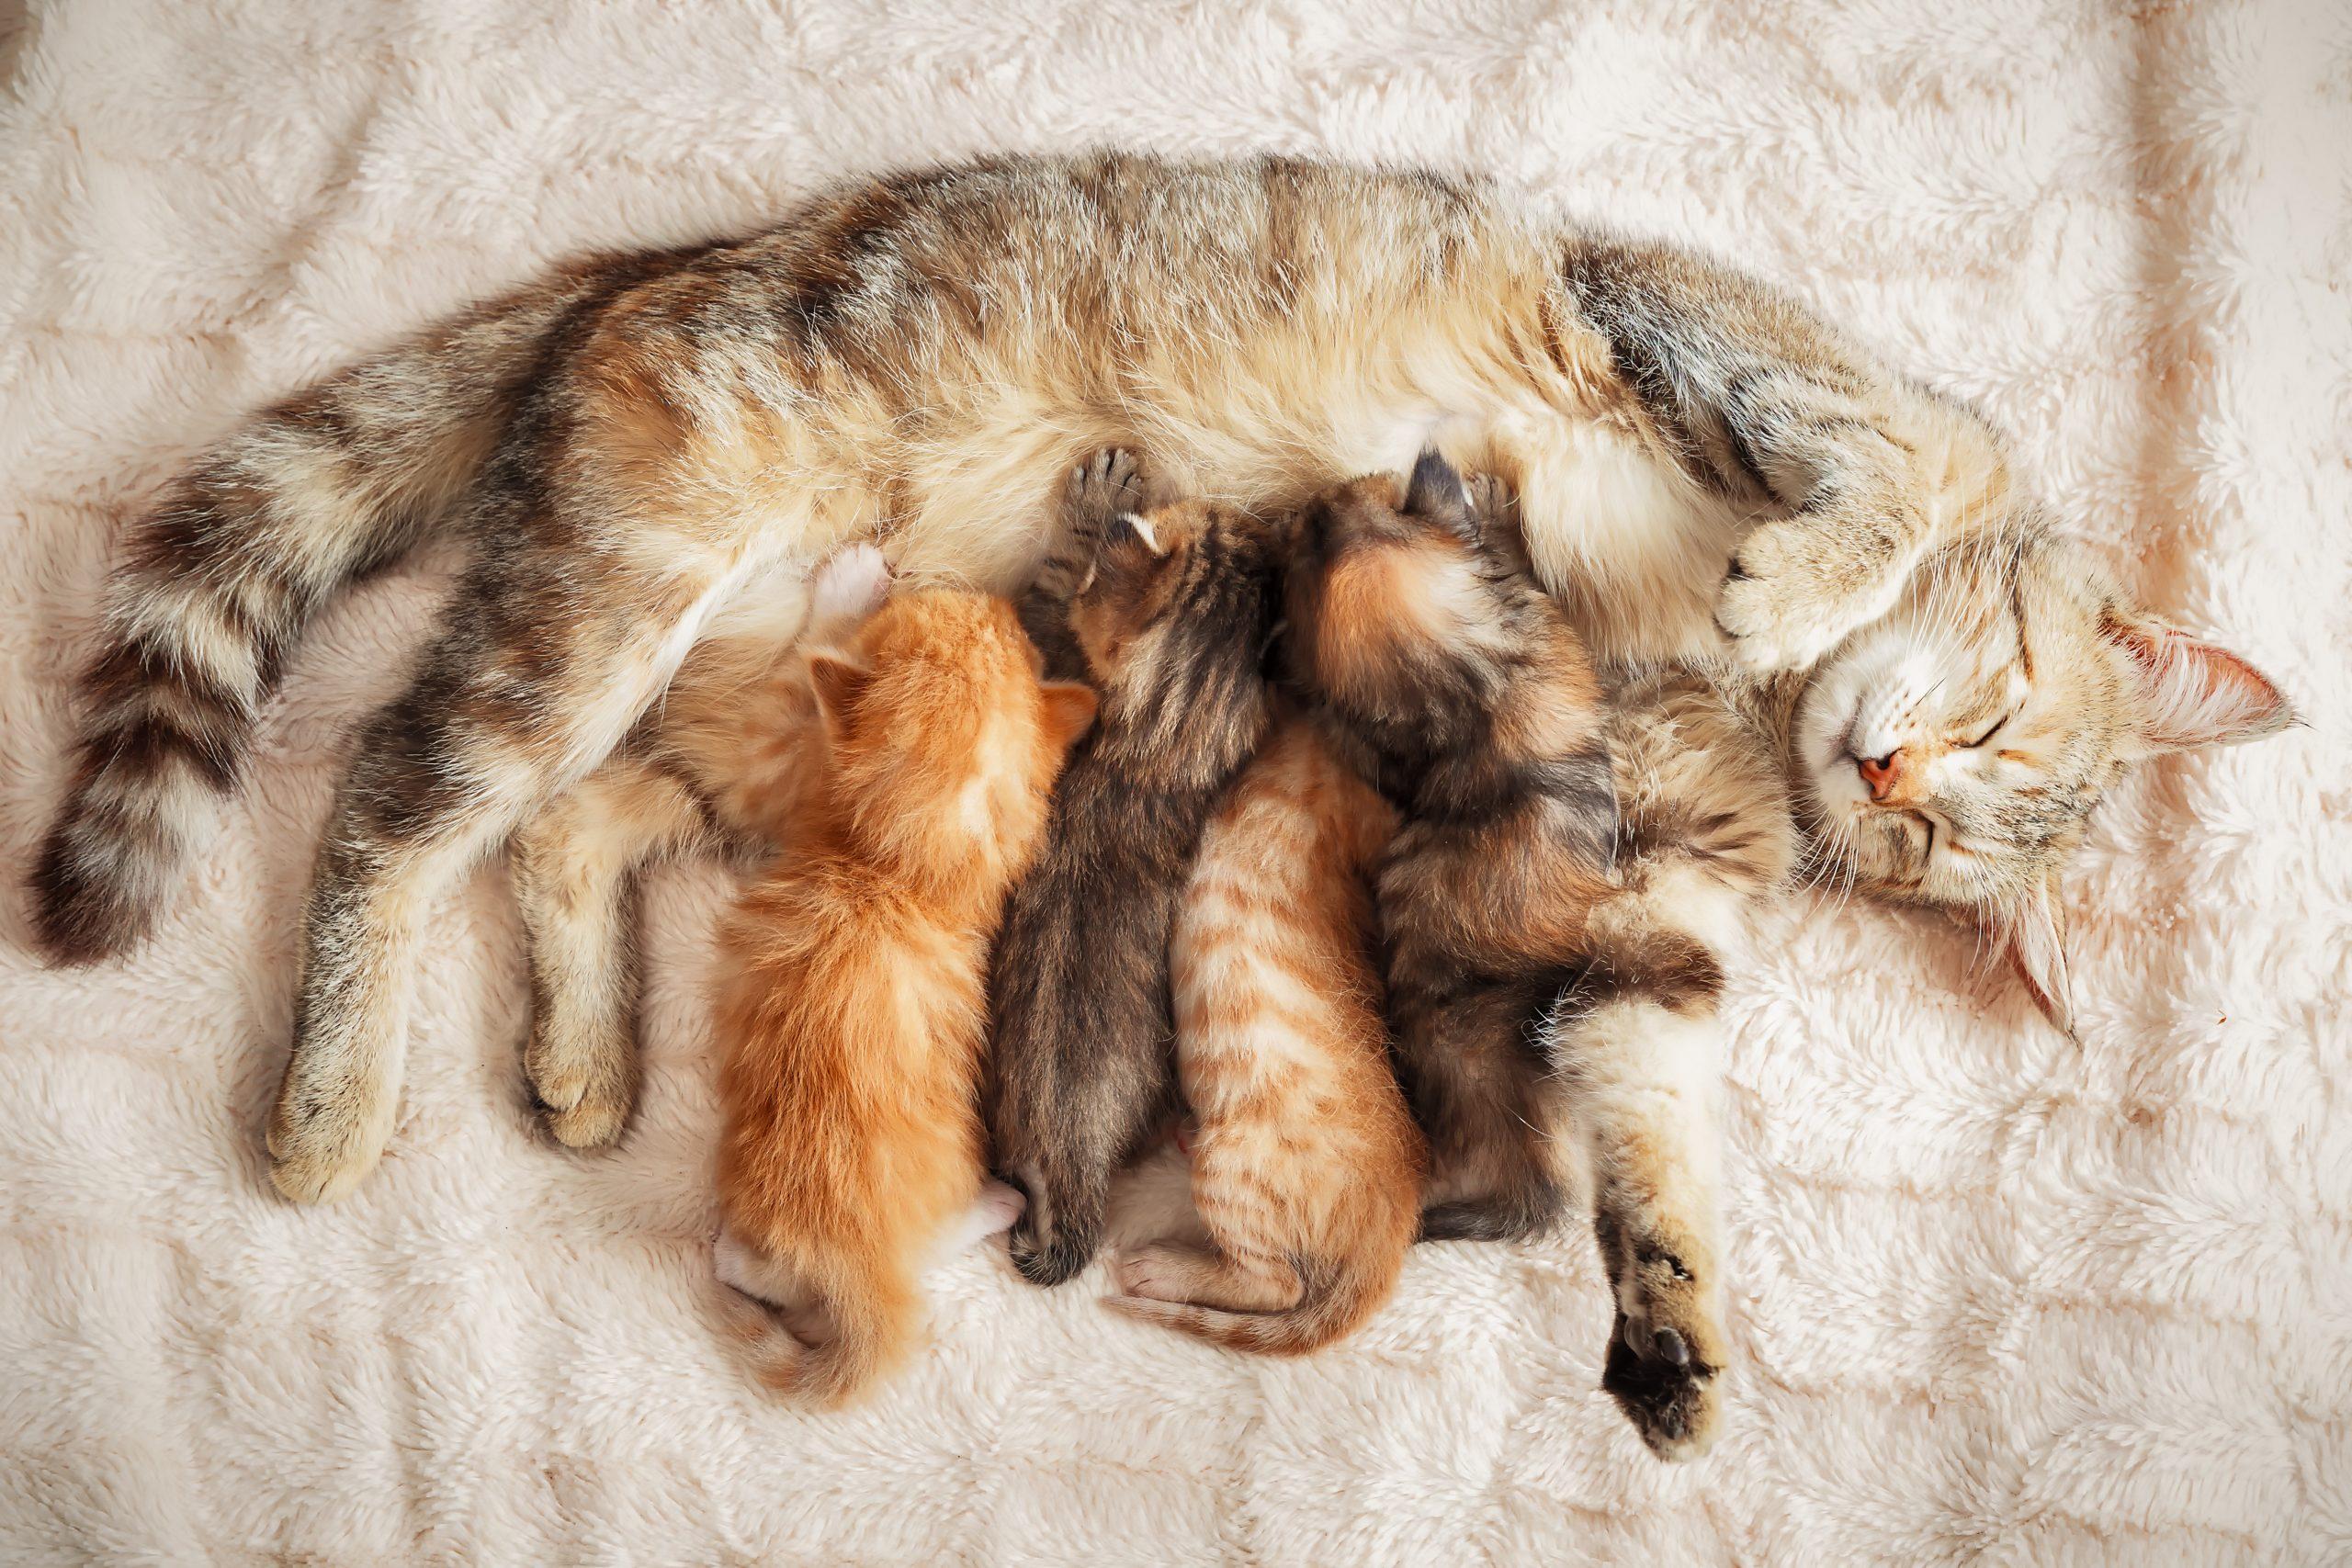 Warum Schnurren Katzen Eigentlich? - Uelzener Versicherungen innen Was Bedeutet Es Wenn Eine Katze Schnurrt